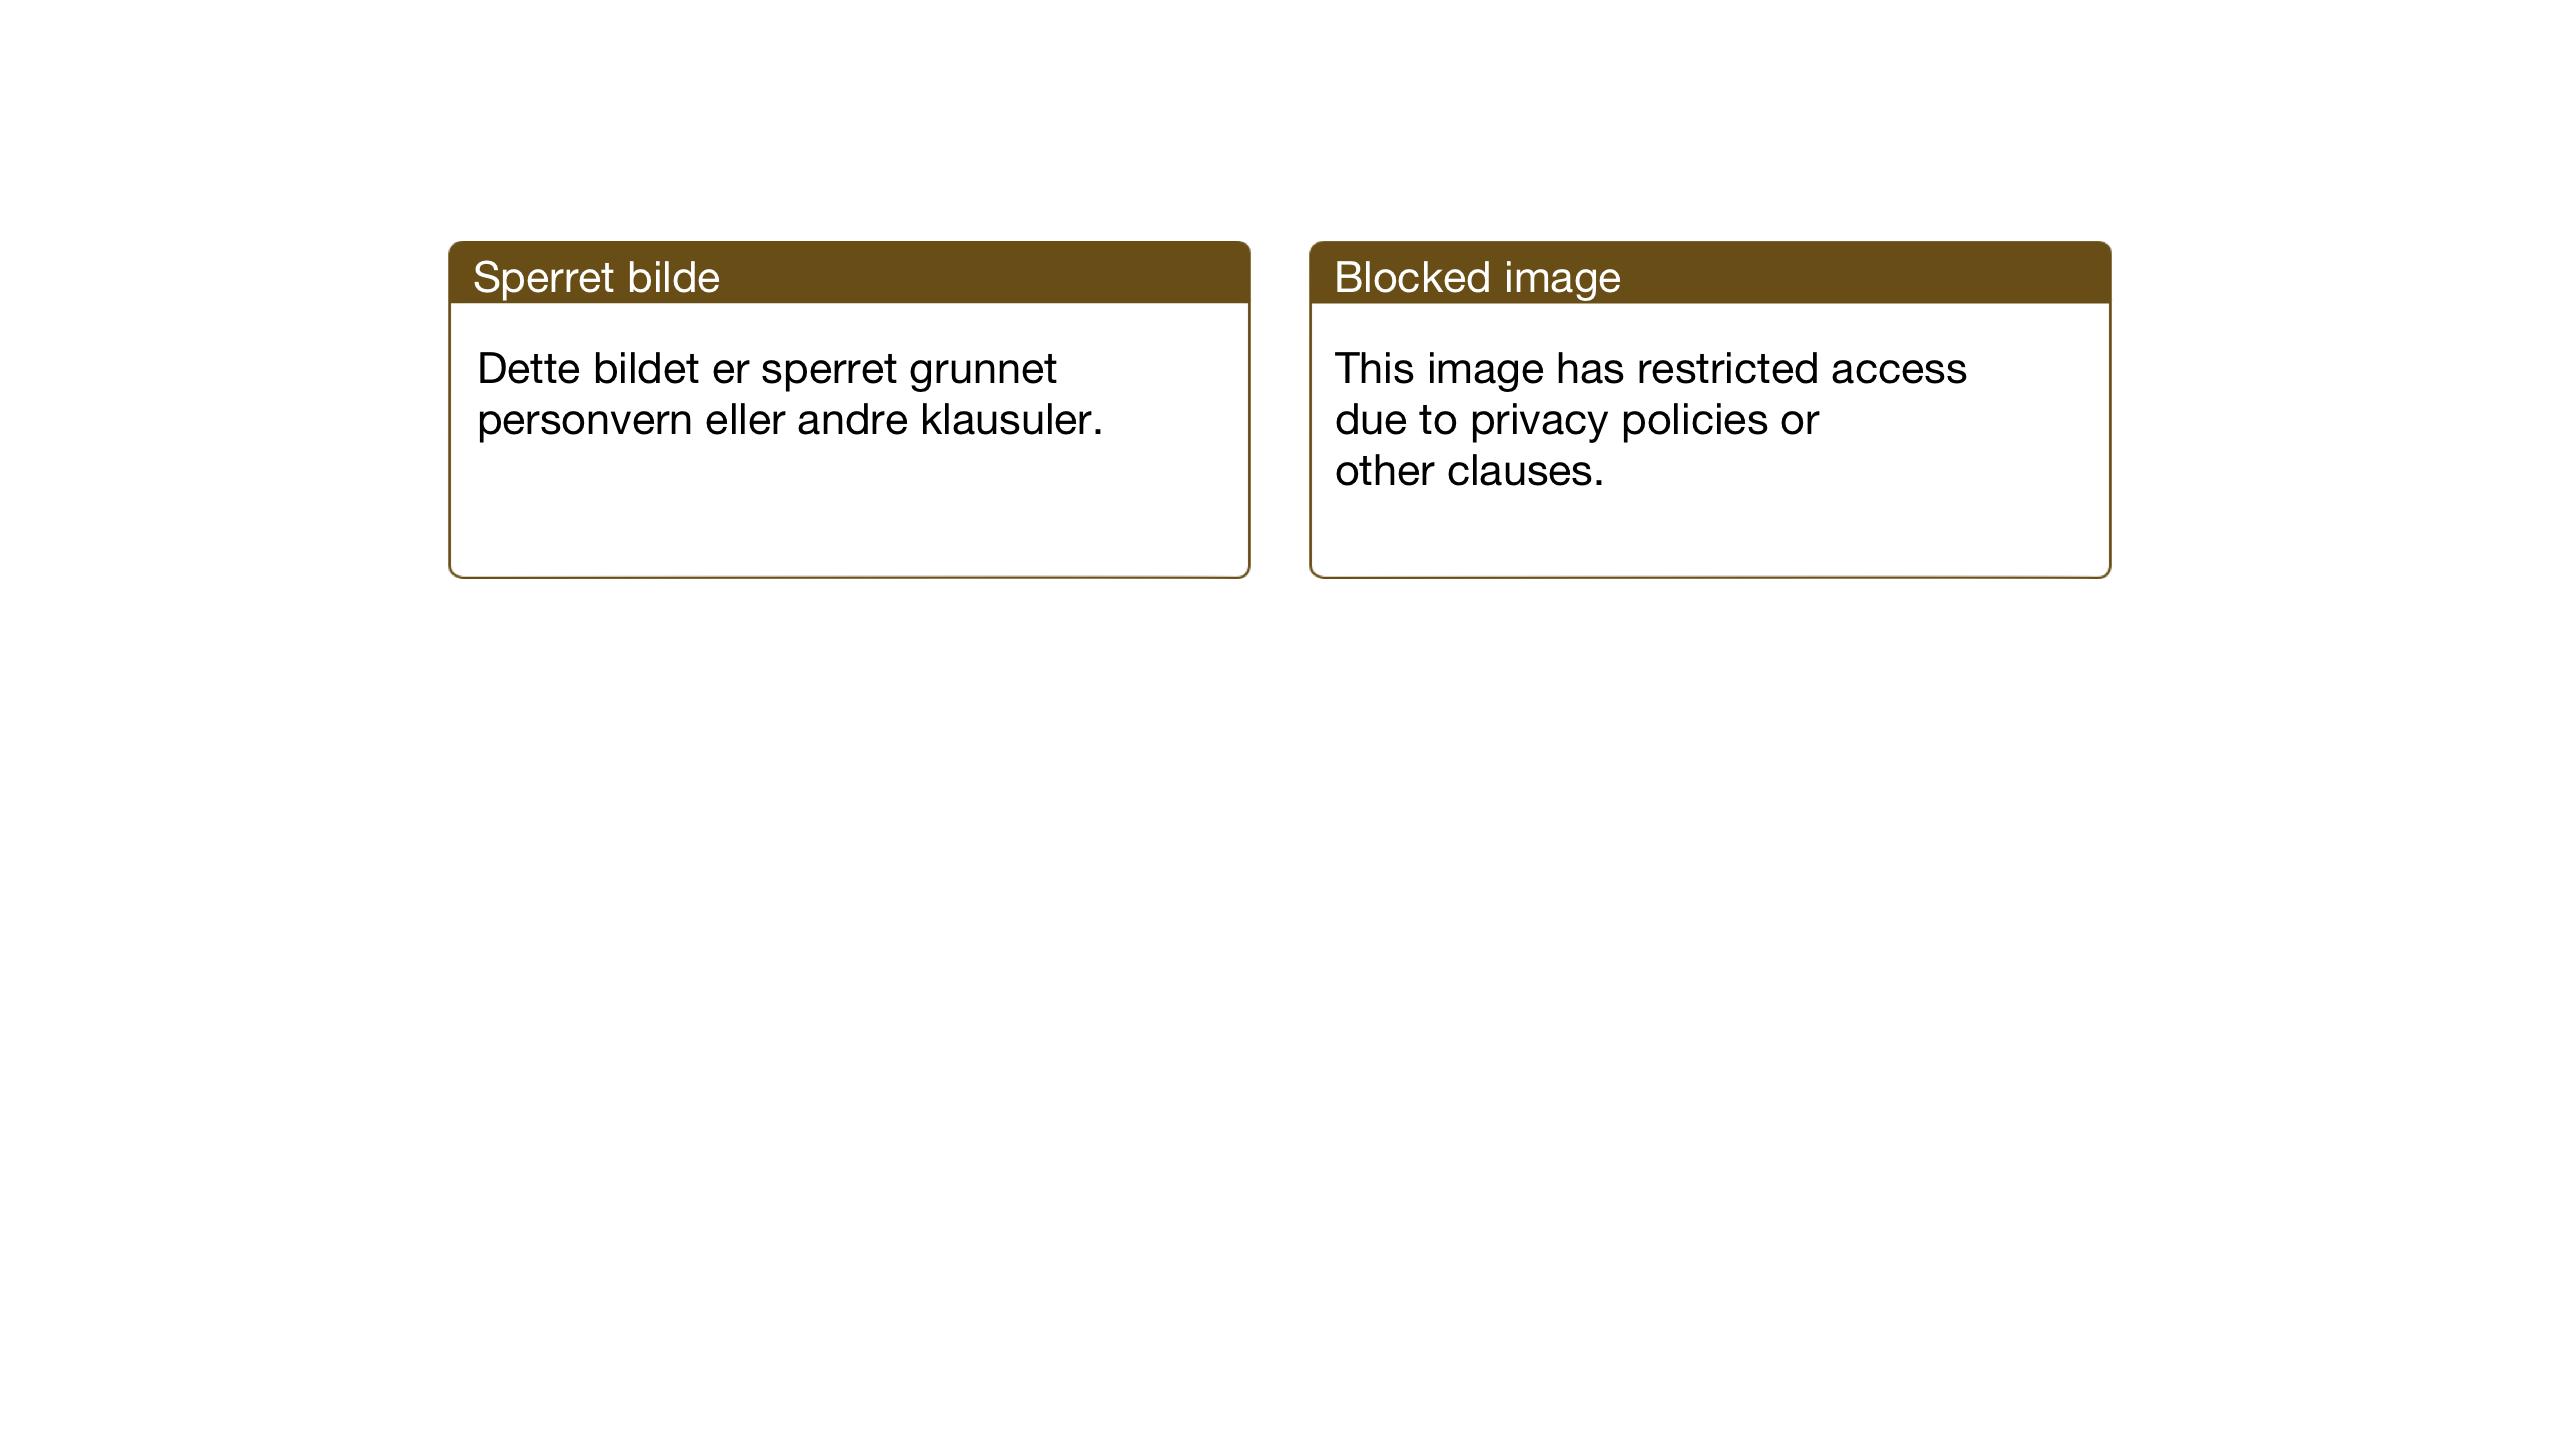 SAT, Ministerialprotokoller, klokkerbøker og fødselsregistre - Sør-Trøndelag, 617/L0433: Klokkerbok nr. 617C04, 1942-1947, s. 71